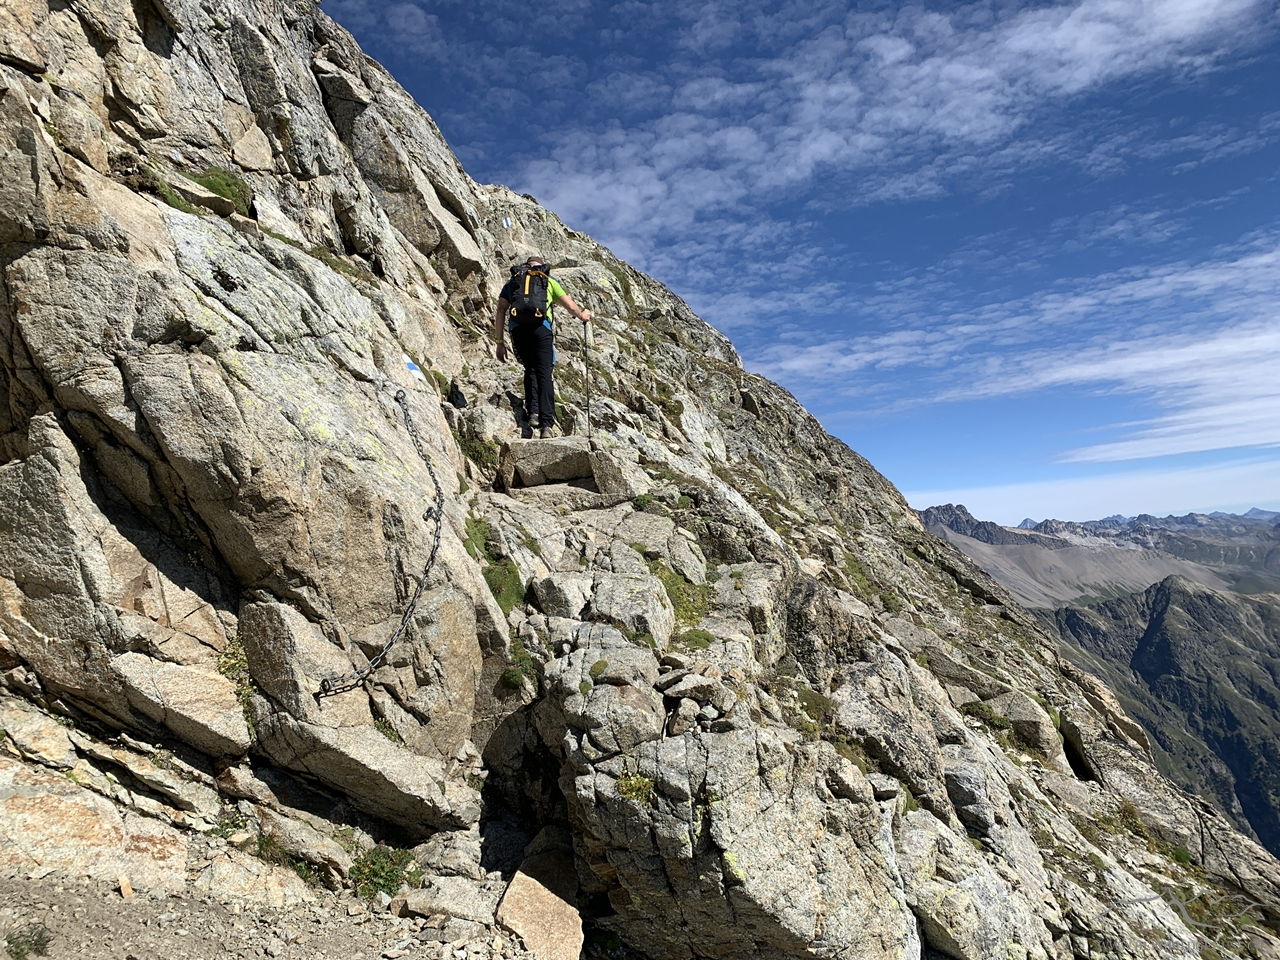 Erste steilere Passagen kommen - stets versichert mit Ketten oder Geländern.